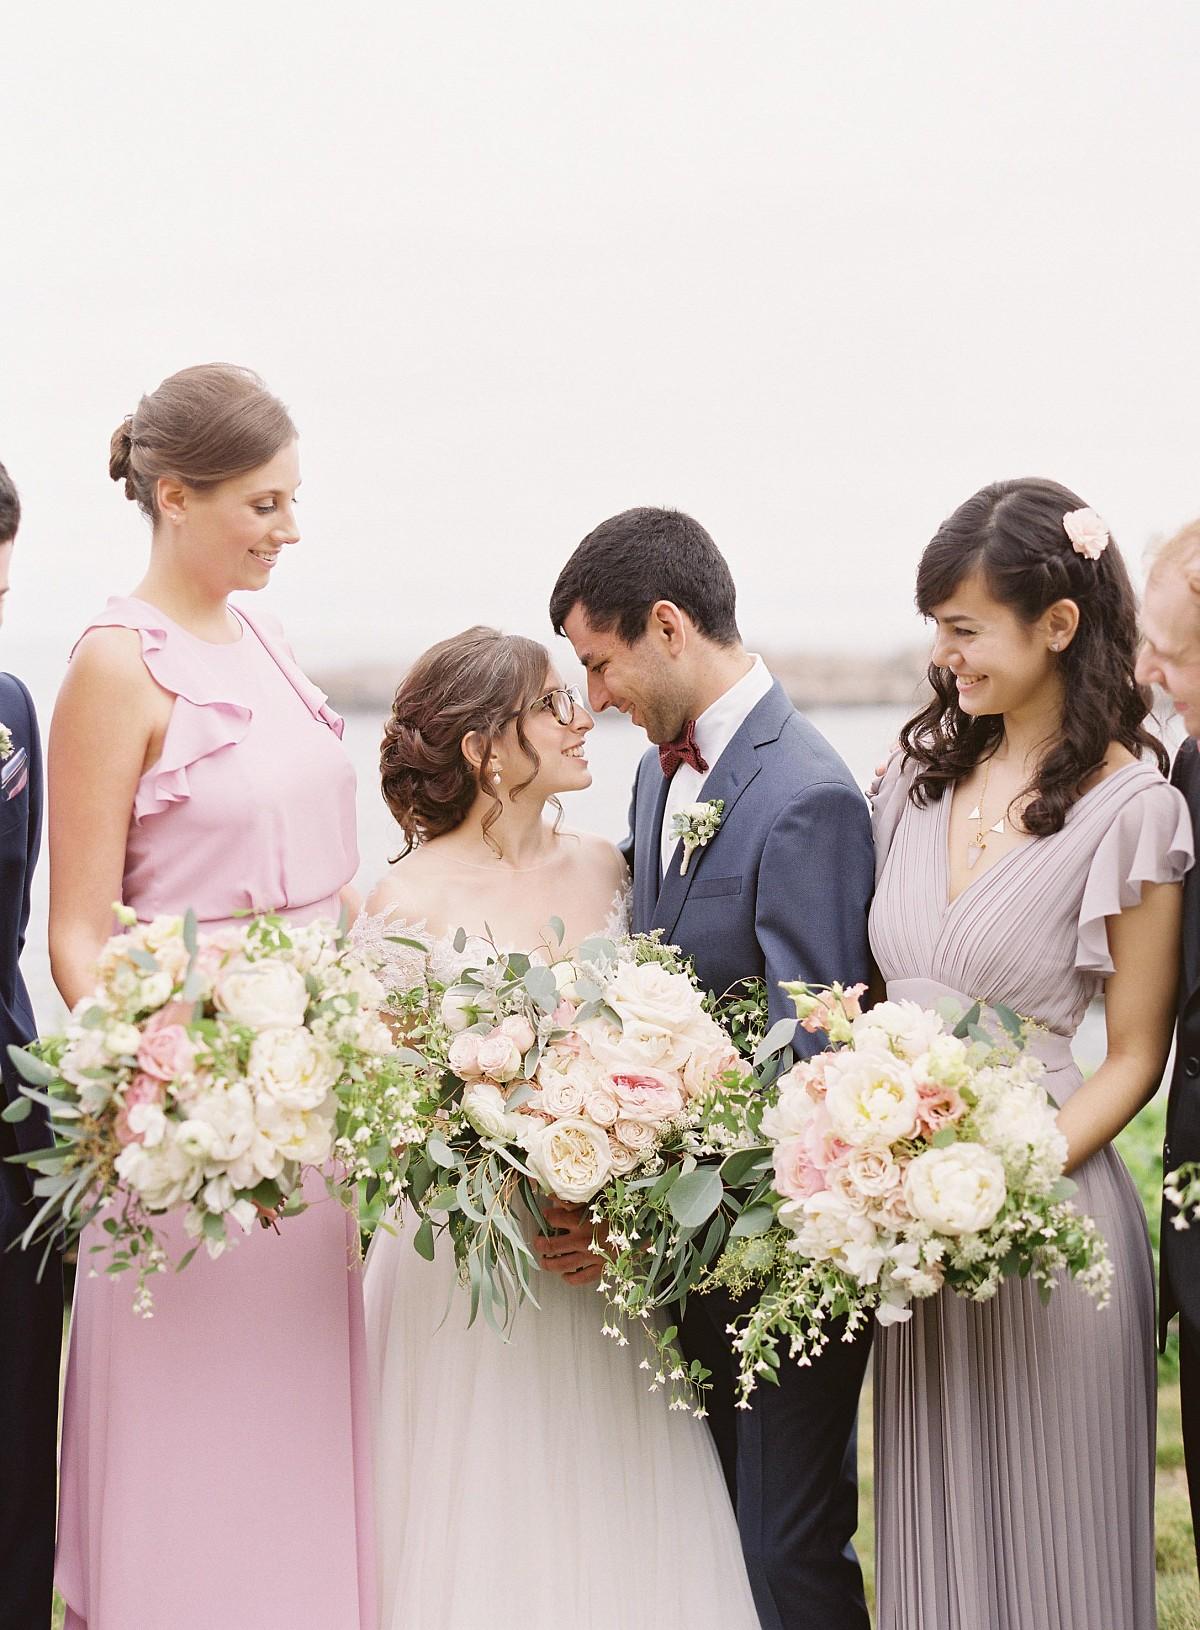 Michelle and Matt's Cliffside Wedding in Maine